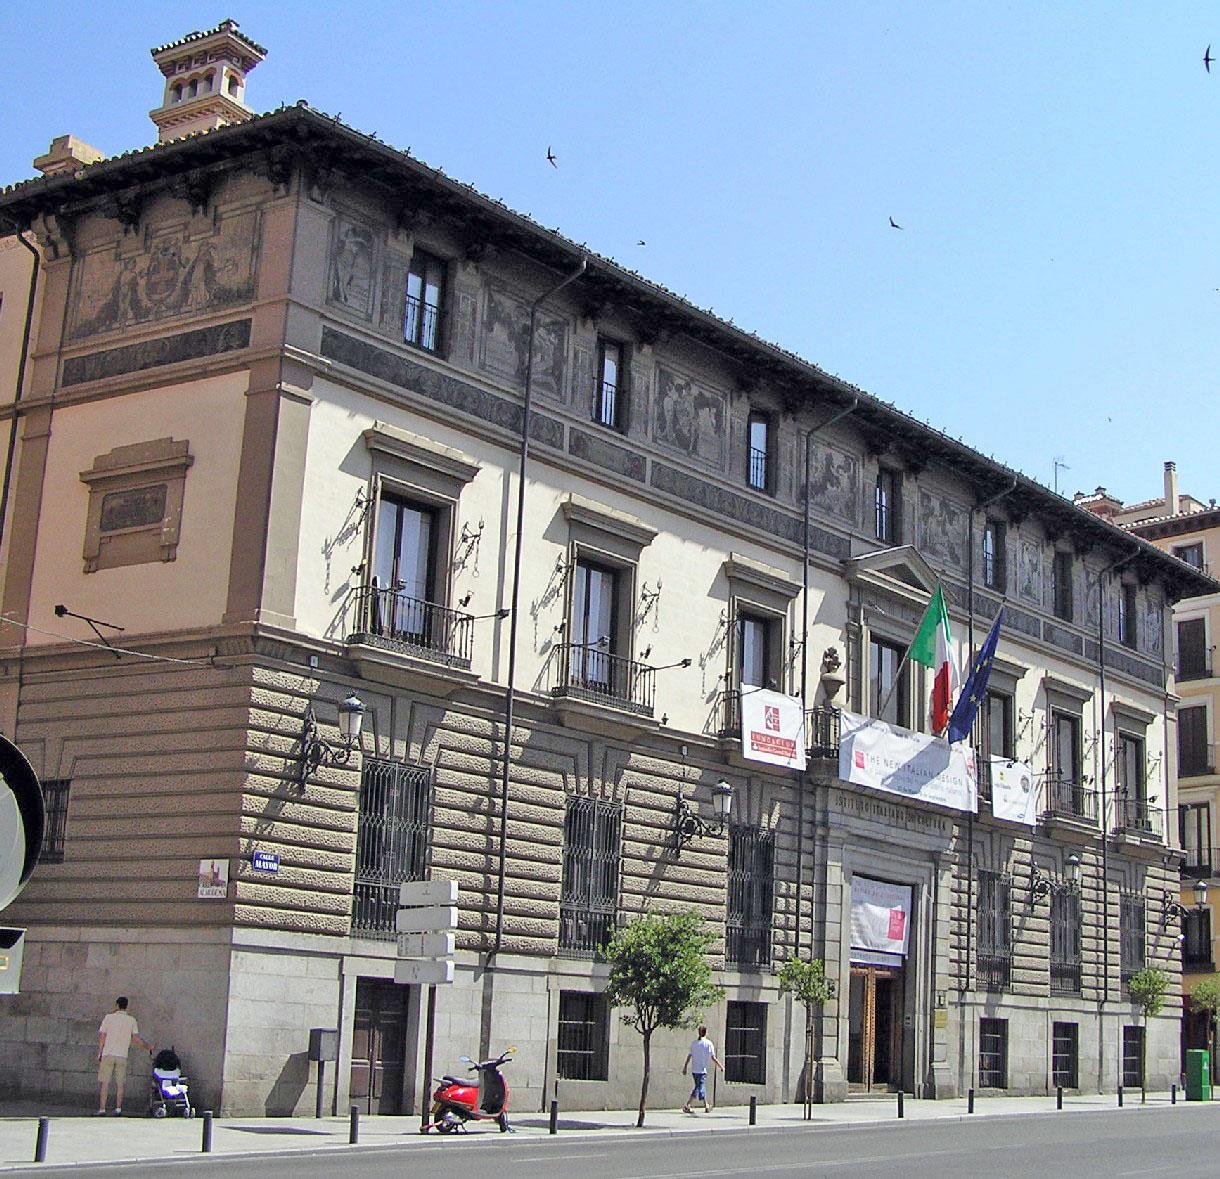 Calle mayor de madrid portal fuenterrebollo for Instituto italiano de cultura madrid